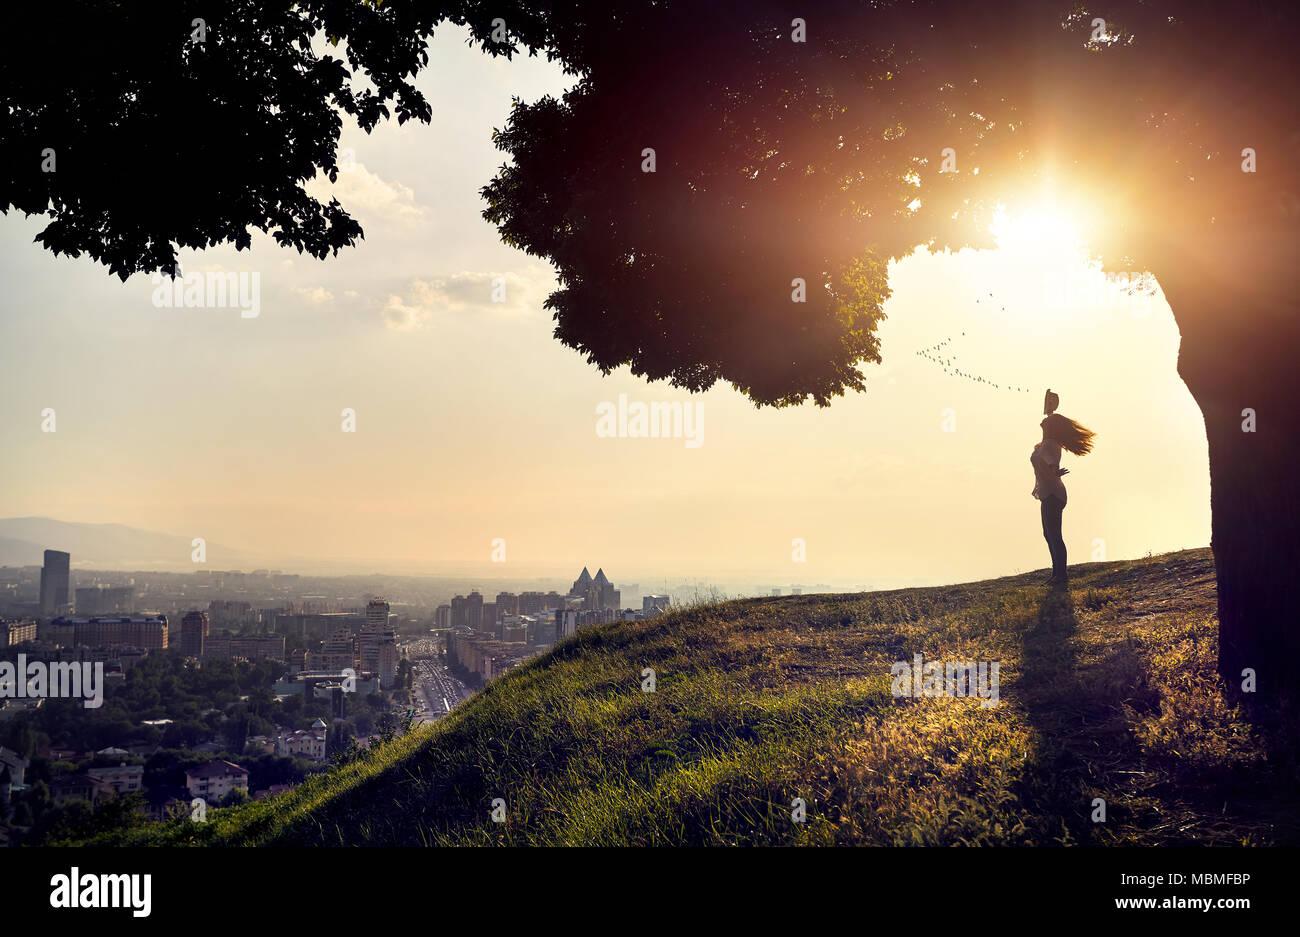 Femme en silhouette avec hat rising part au coucher du soleil vue sur la ville historique. City life concept. Photo Stock